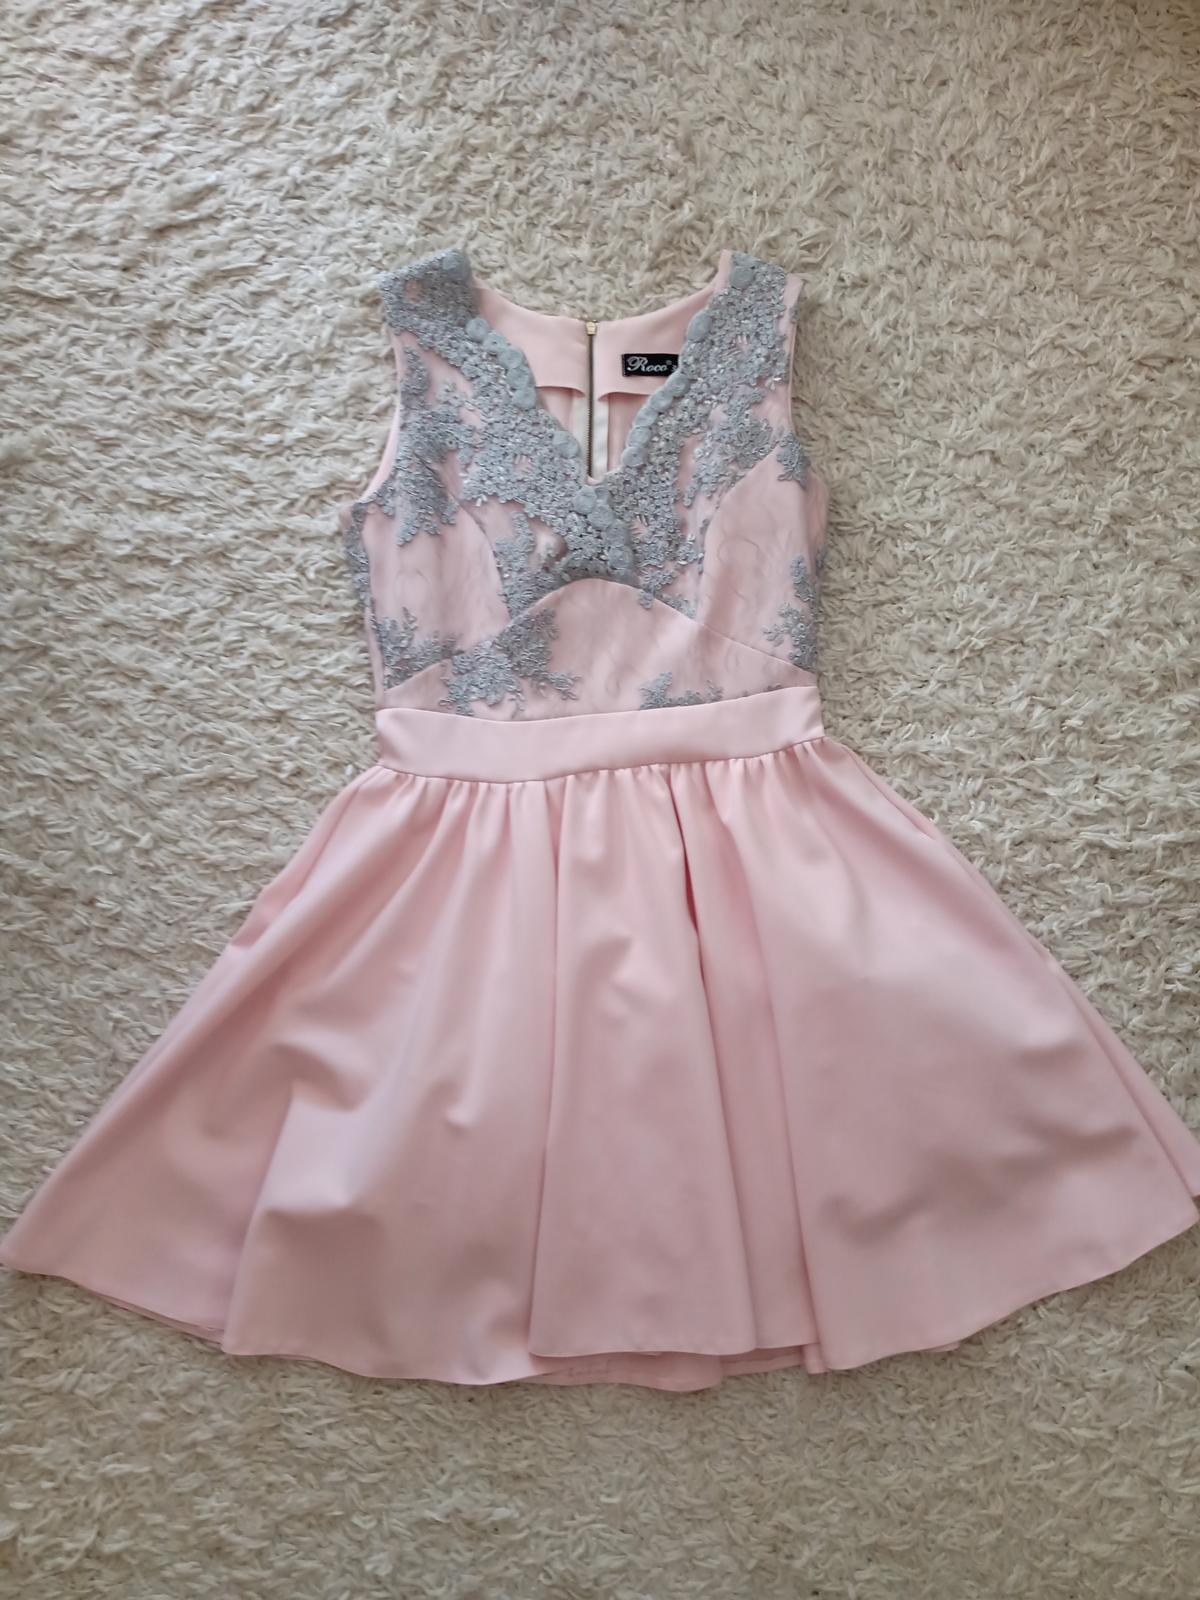 Popolnocne šaty, 38 - Obrázok č. 1